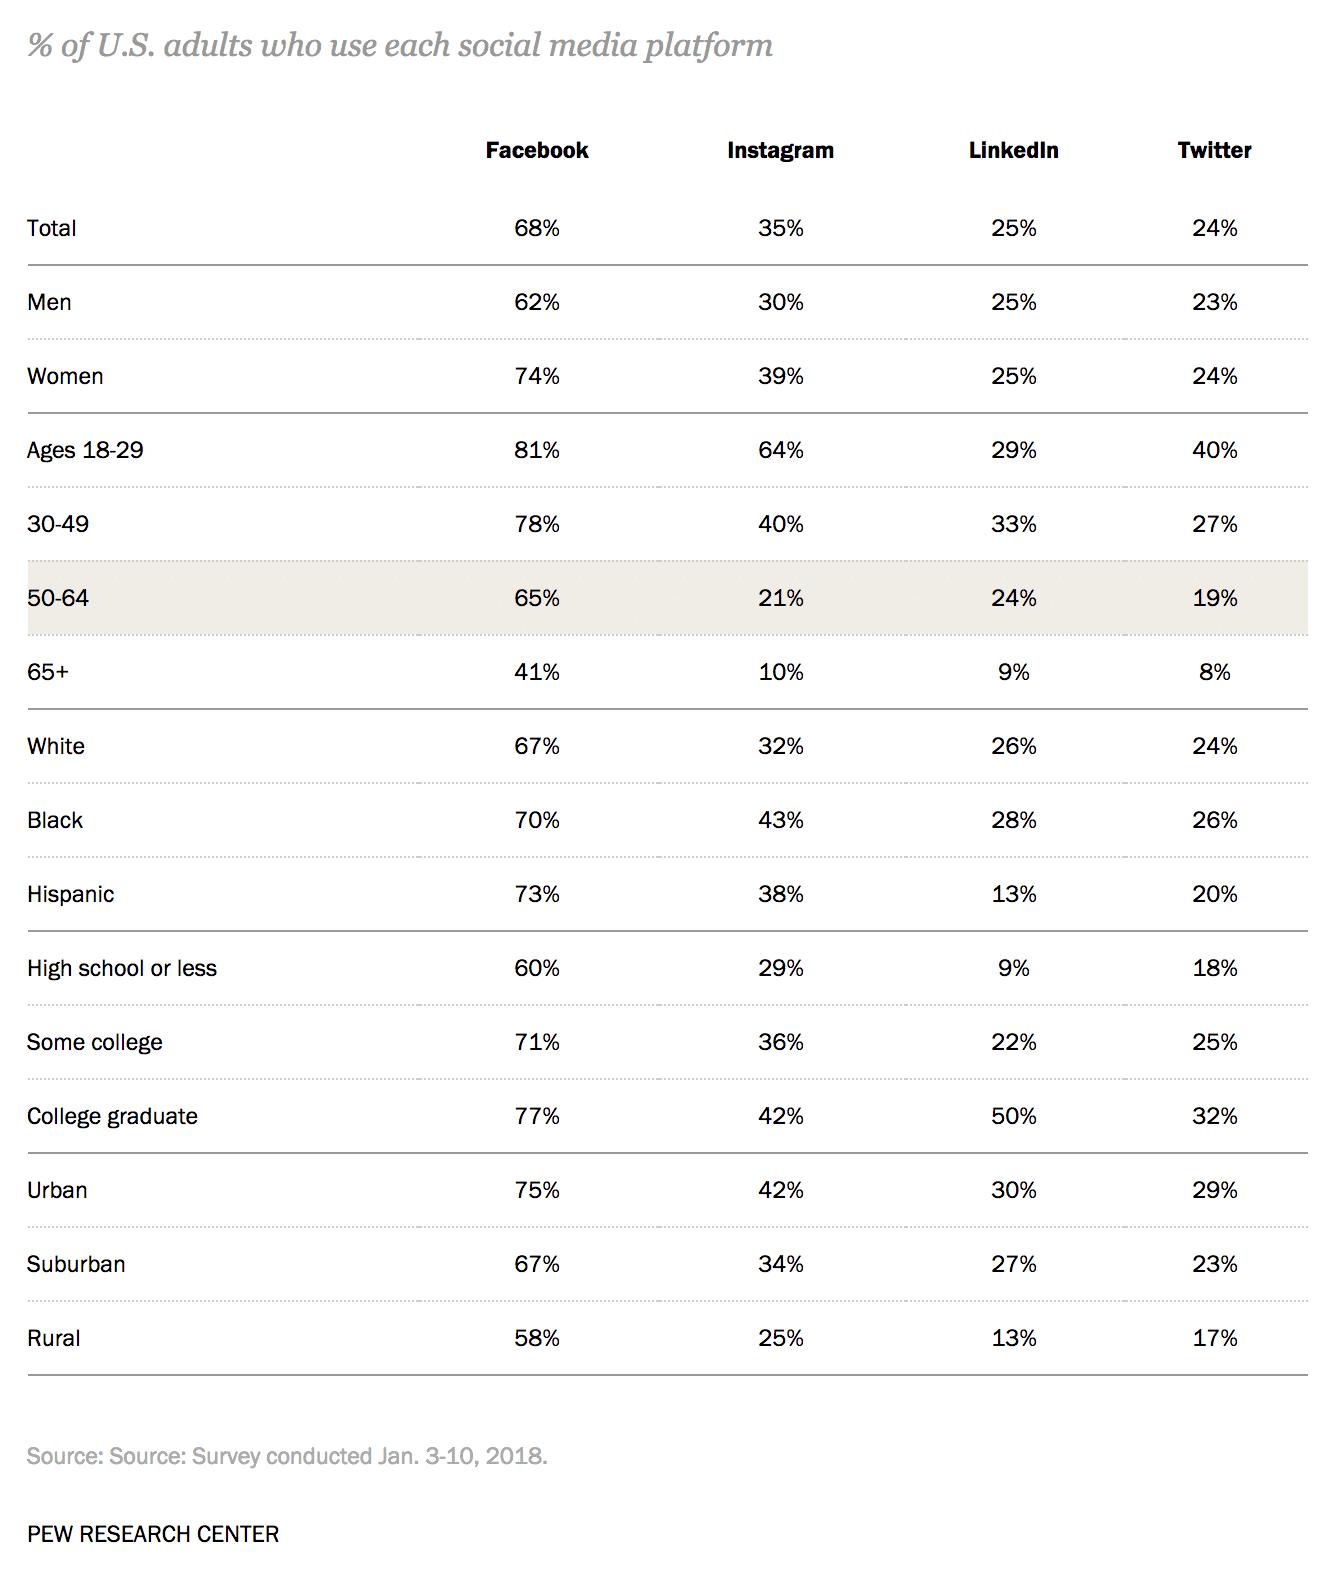 Twitter usage among adults